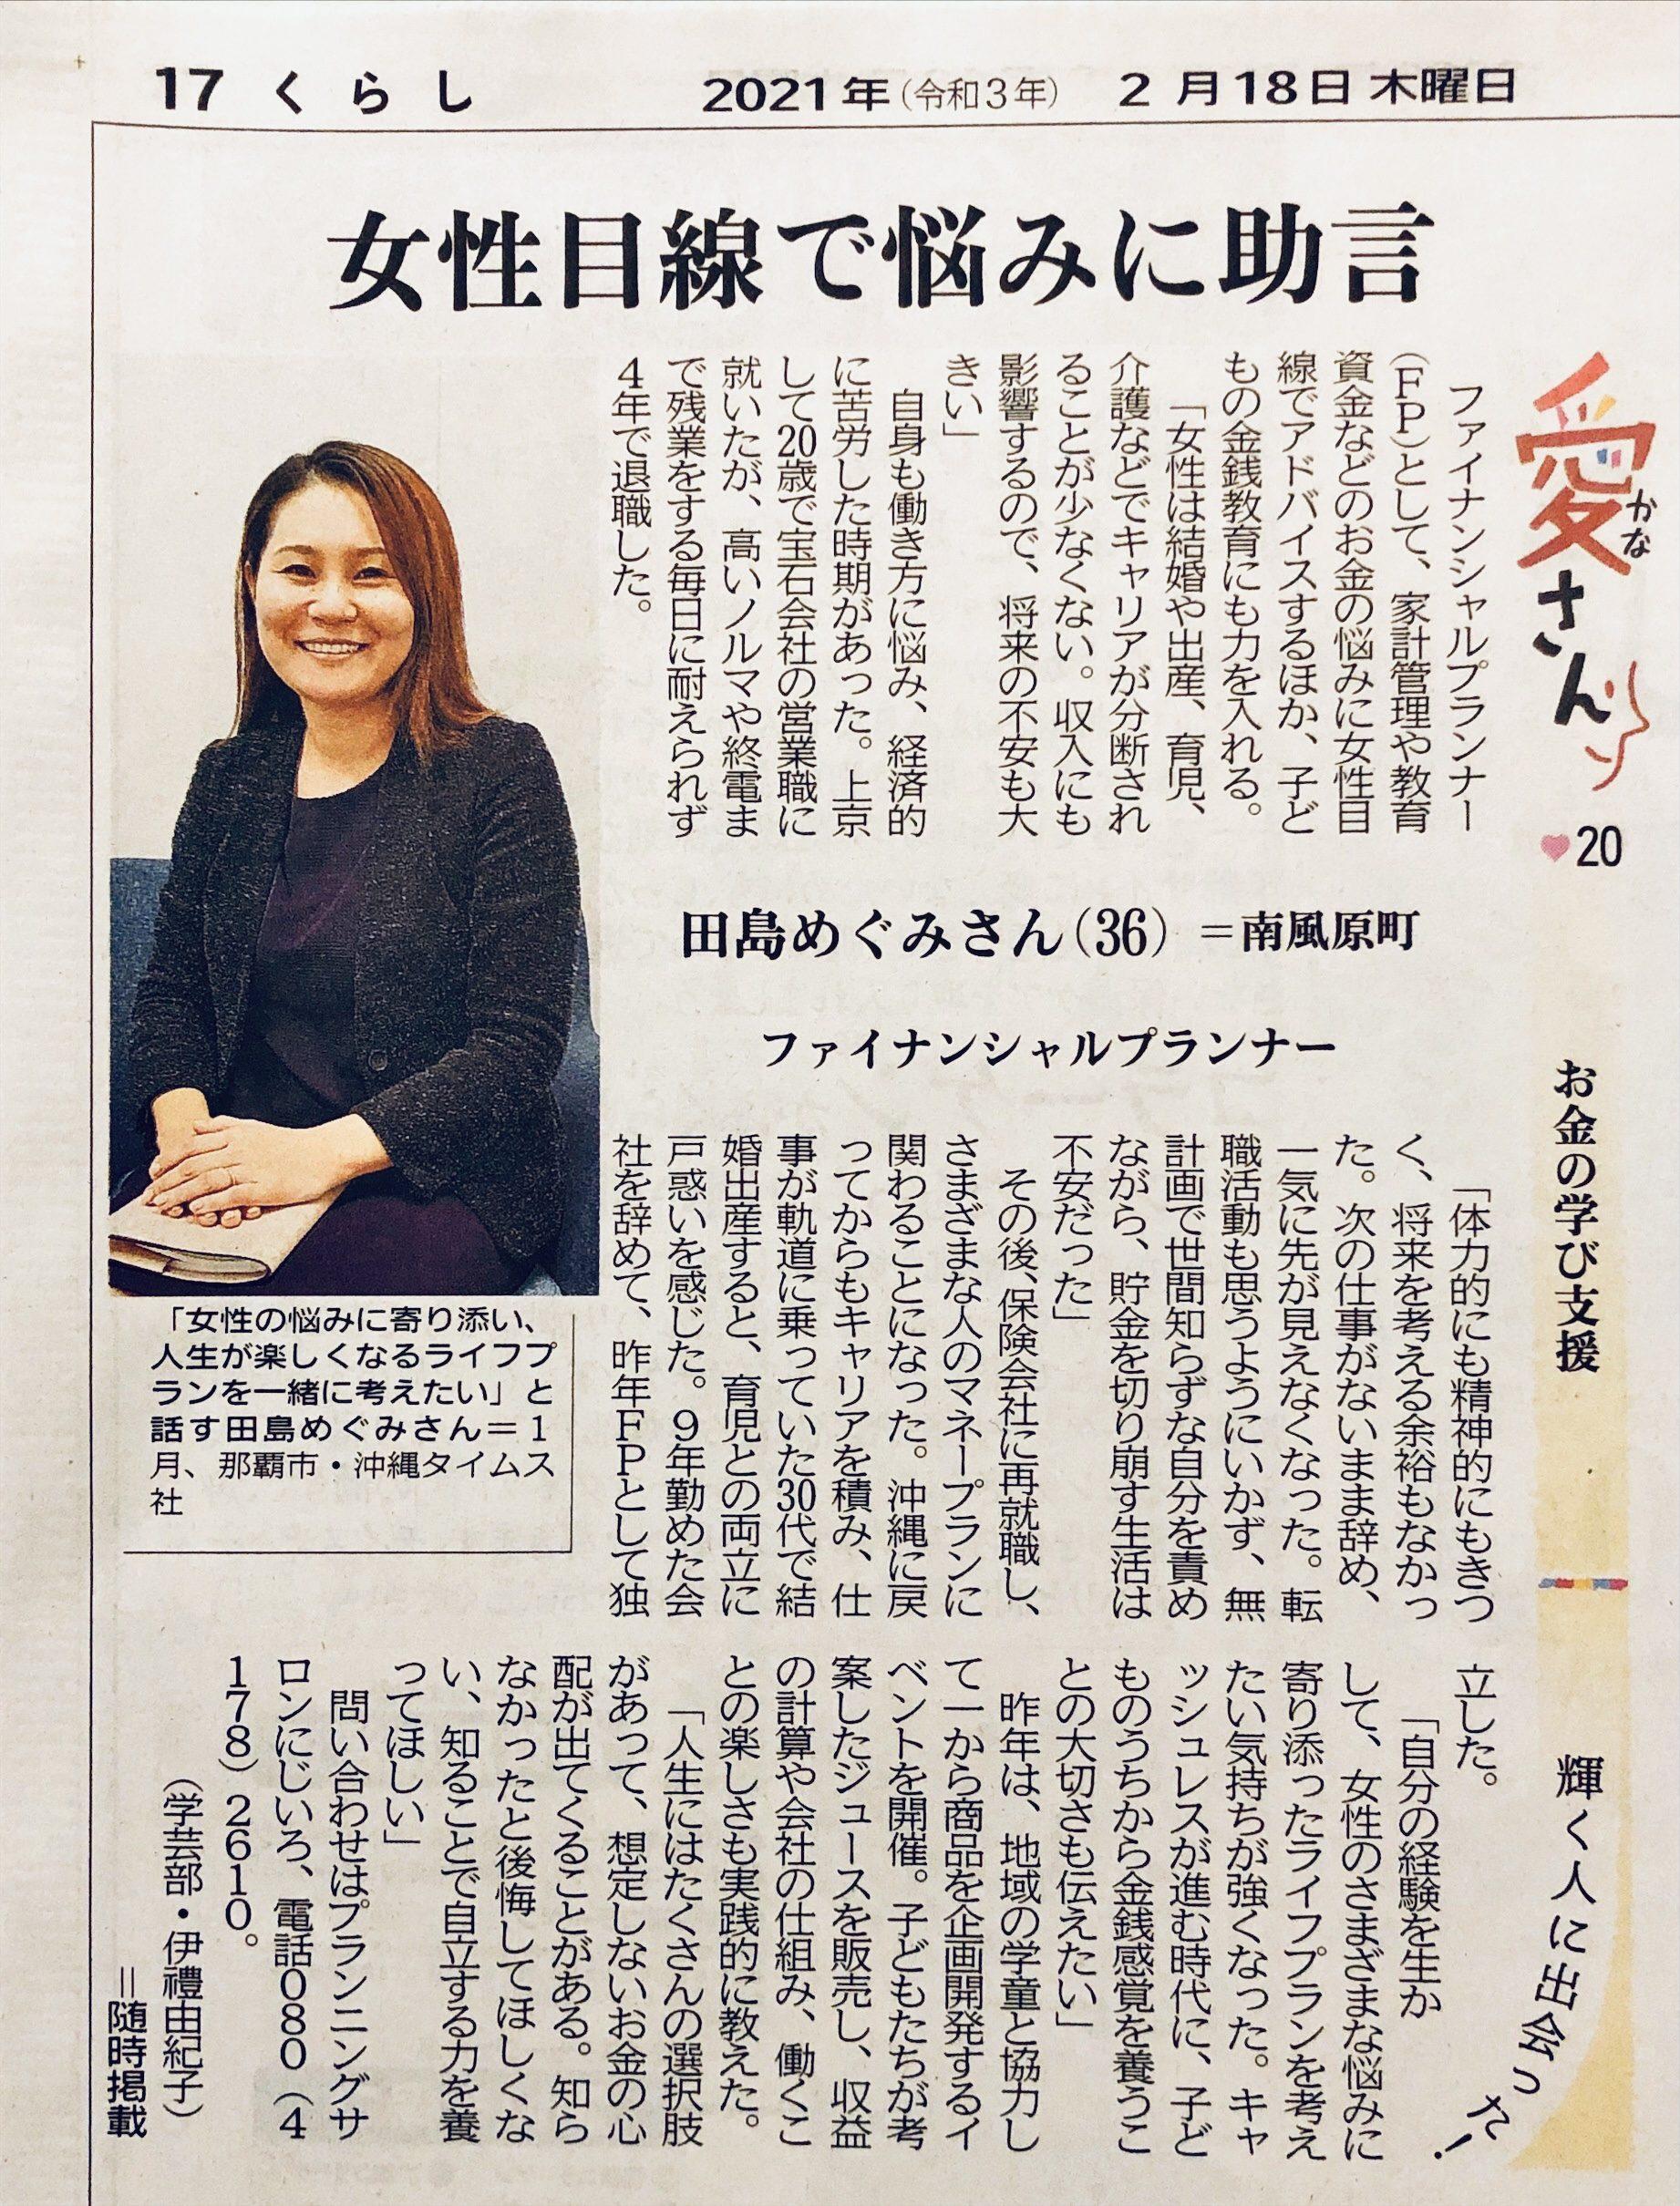 沖縄タイムスに掲載【メディア掲載】